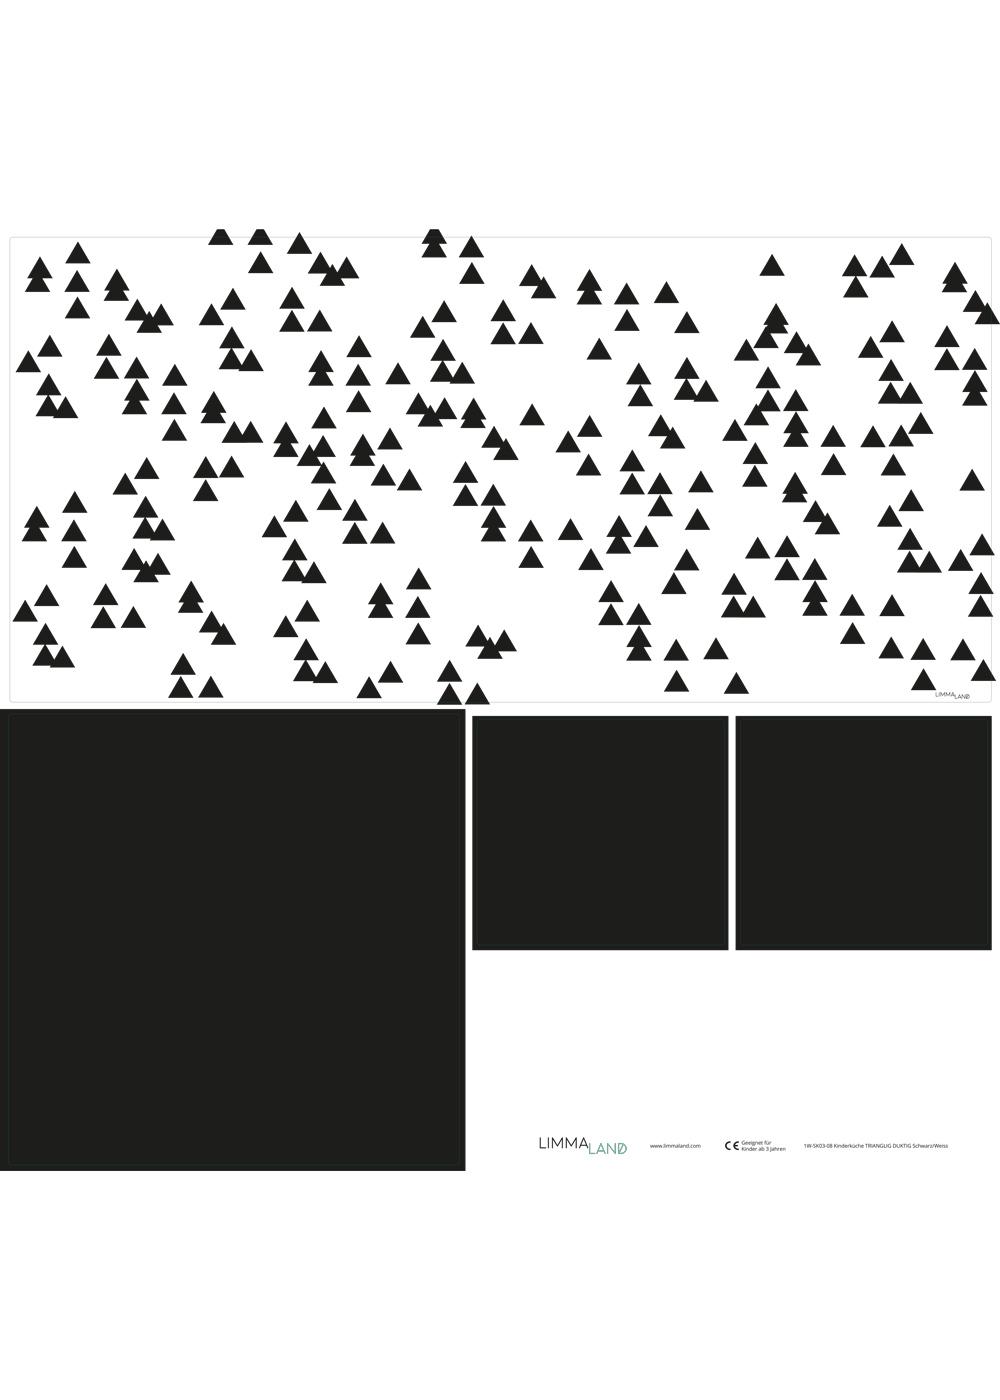 Ikea Duktig Kinderküche Trianglig Schwarz  Druckvorlage